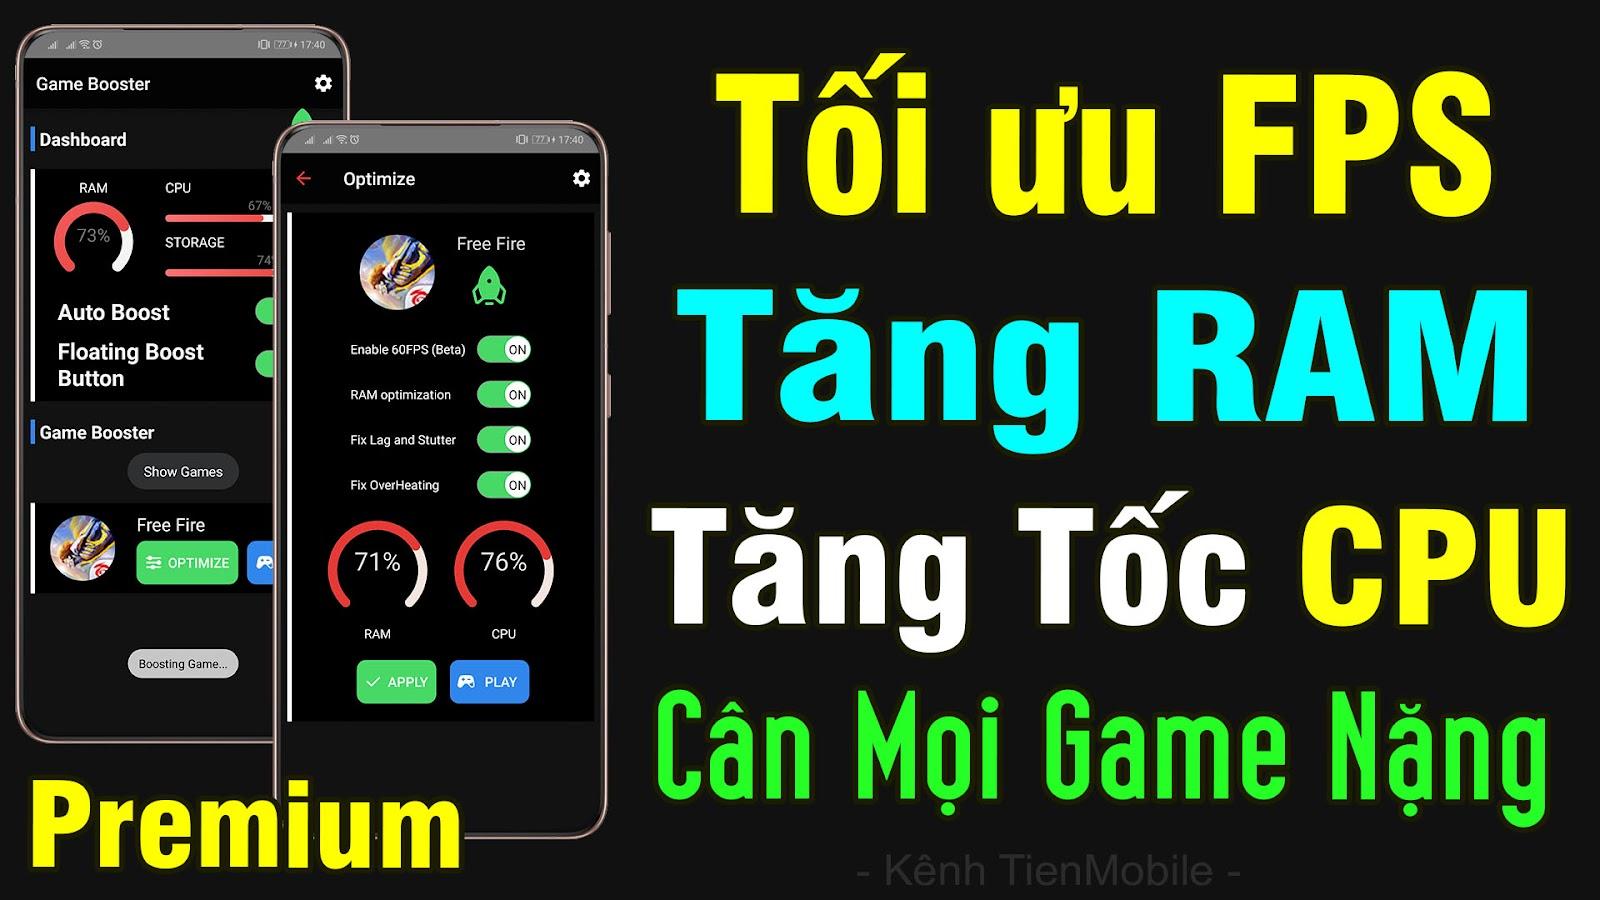 App tăng tốc Android giúp chơi mọi Game Nặng siêu Mượt